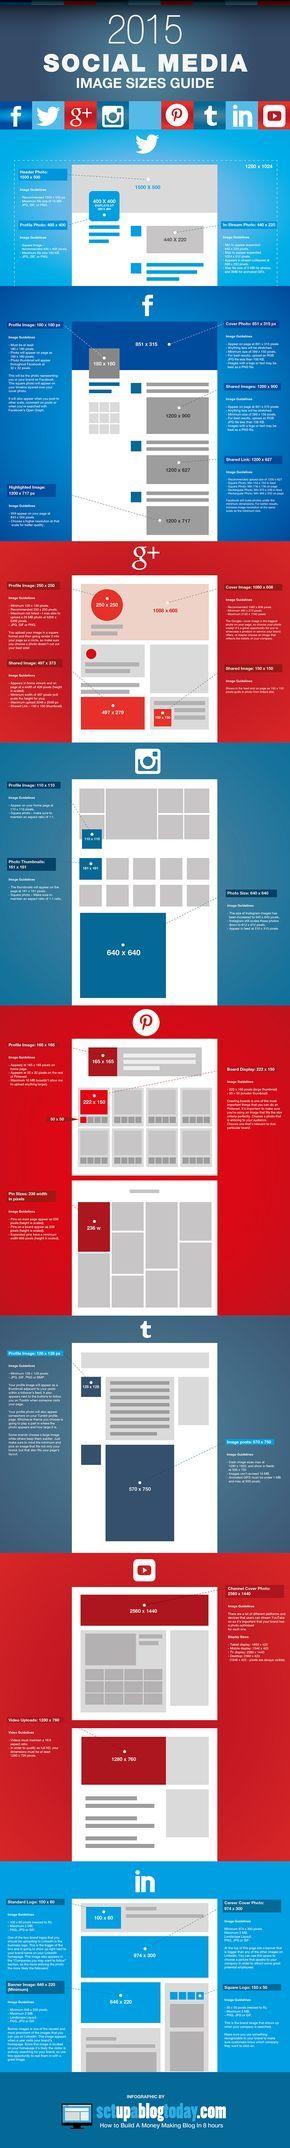 Guía de tamaño de #imágenes para #redessociales 2015 #socialmedia